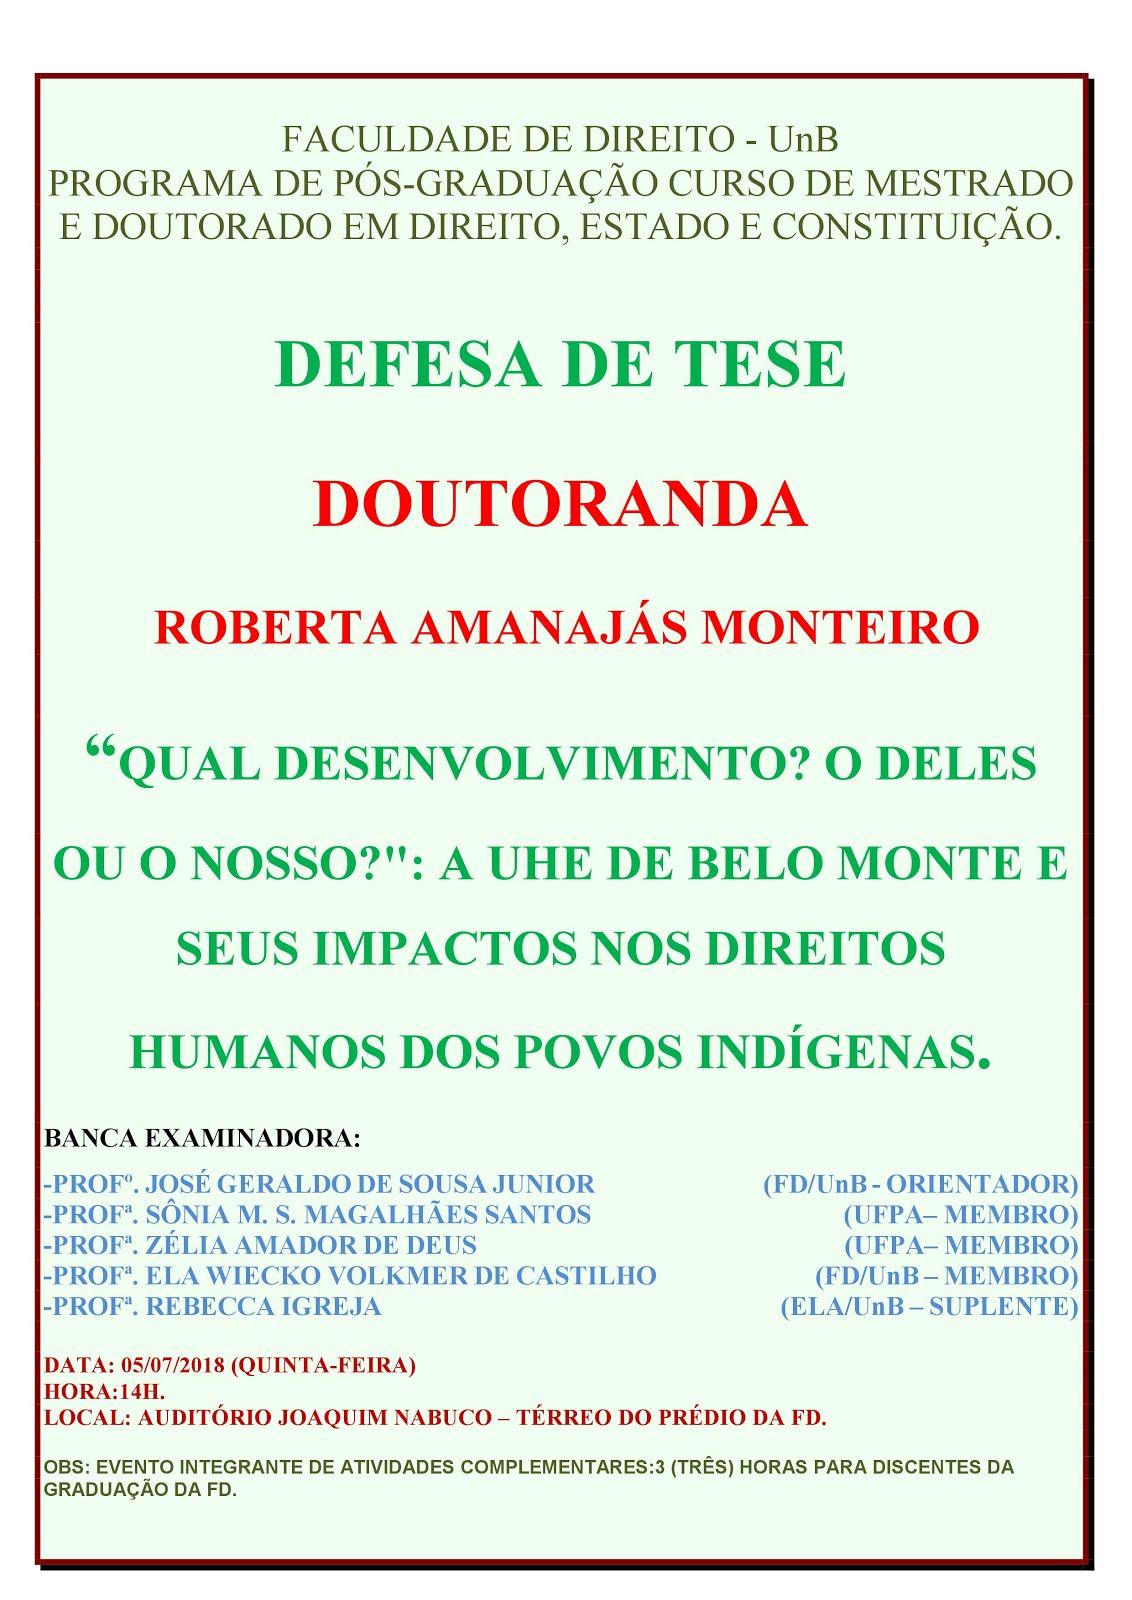 Convite Defesa de Tese de Doutoramento